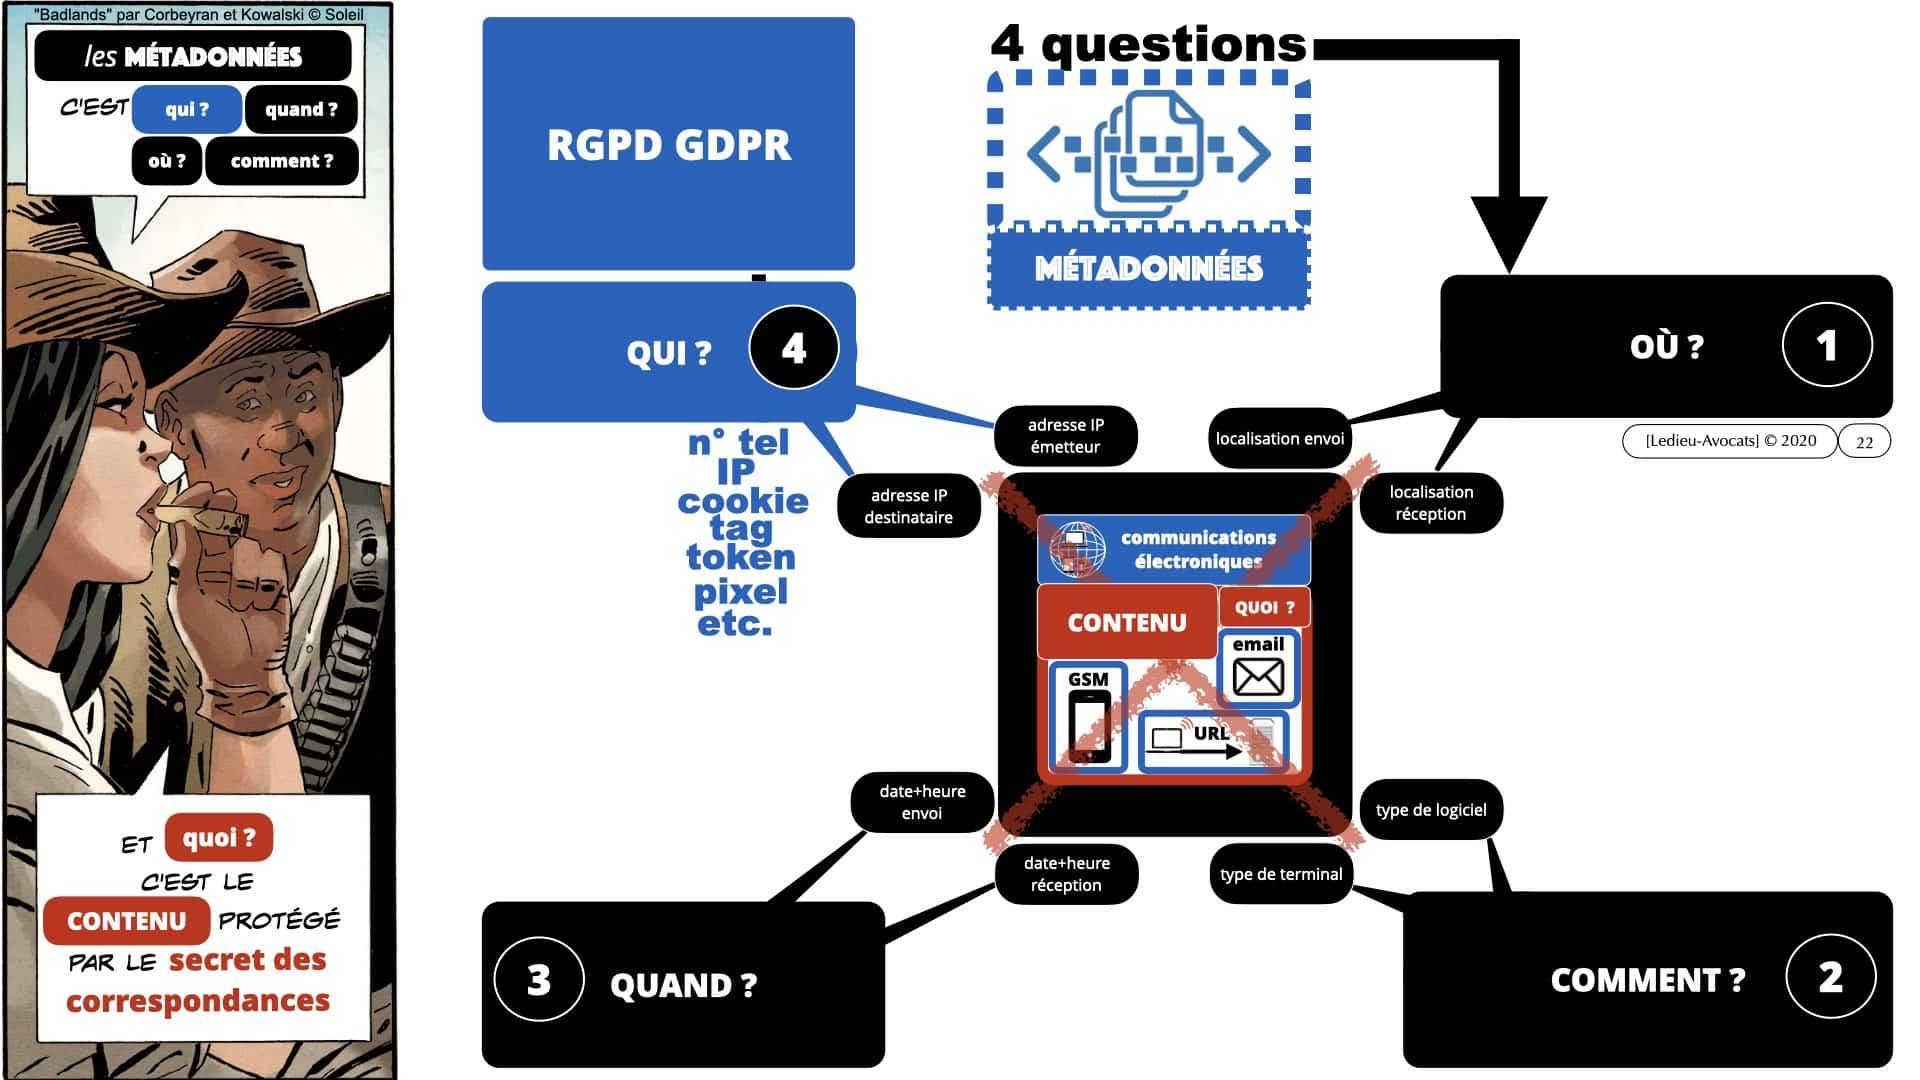 données de contenu métadonnées données personnelles : 4 questions pour identifier les métadonnées